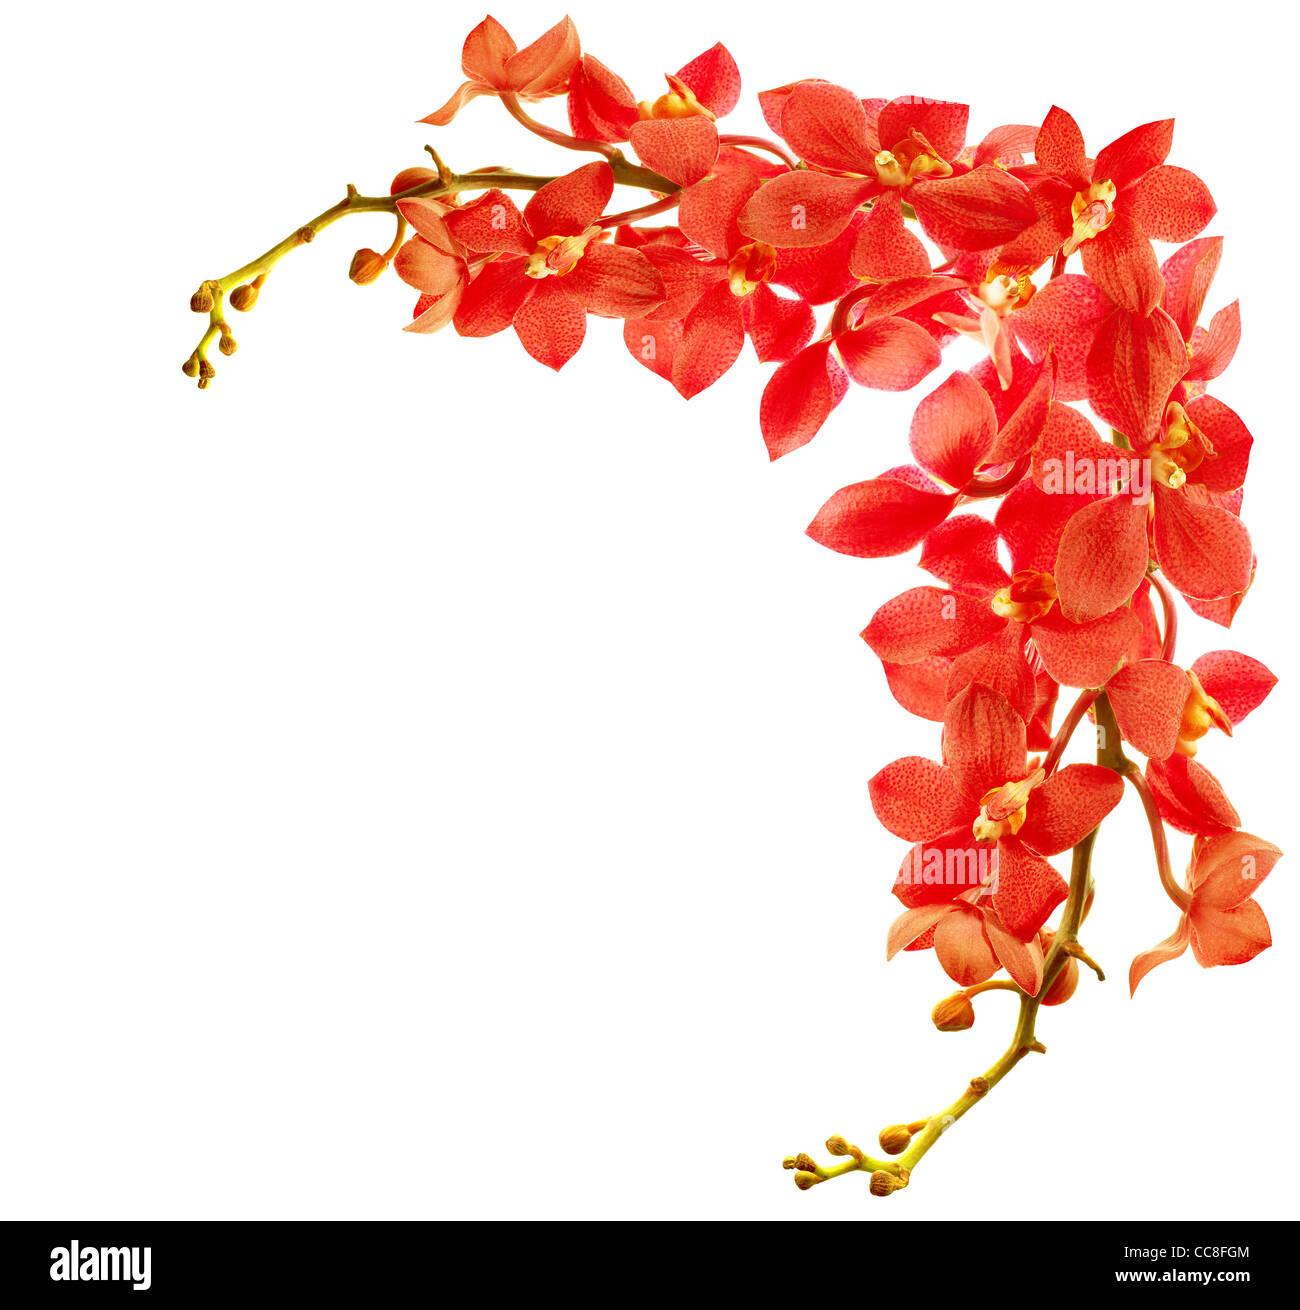 Red freschi di fiori di orchidea border isolati su sfondo bianco Foto Stock